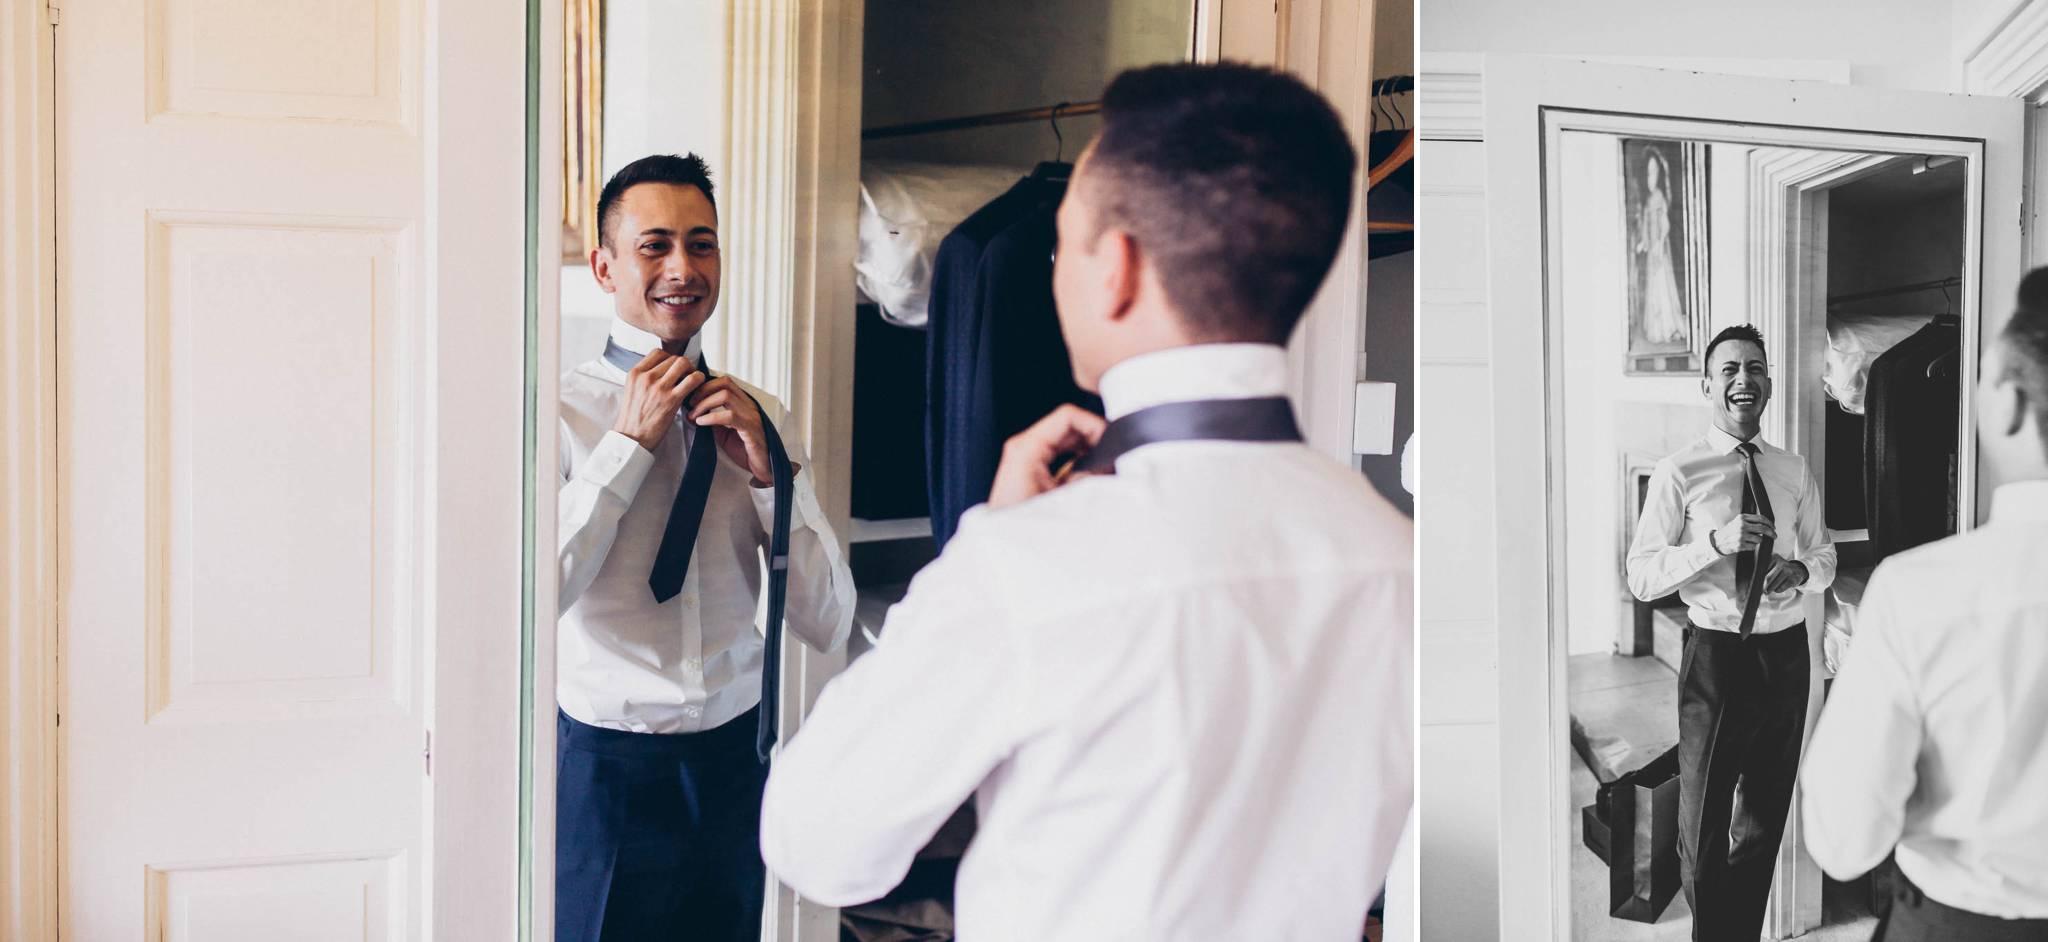 leeds-castle-wedding-photography 10.jpg